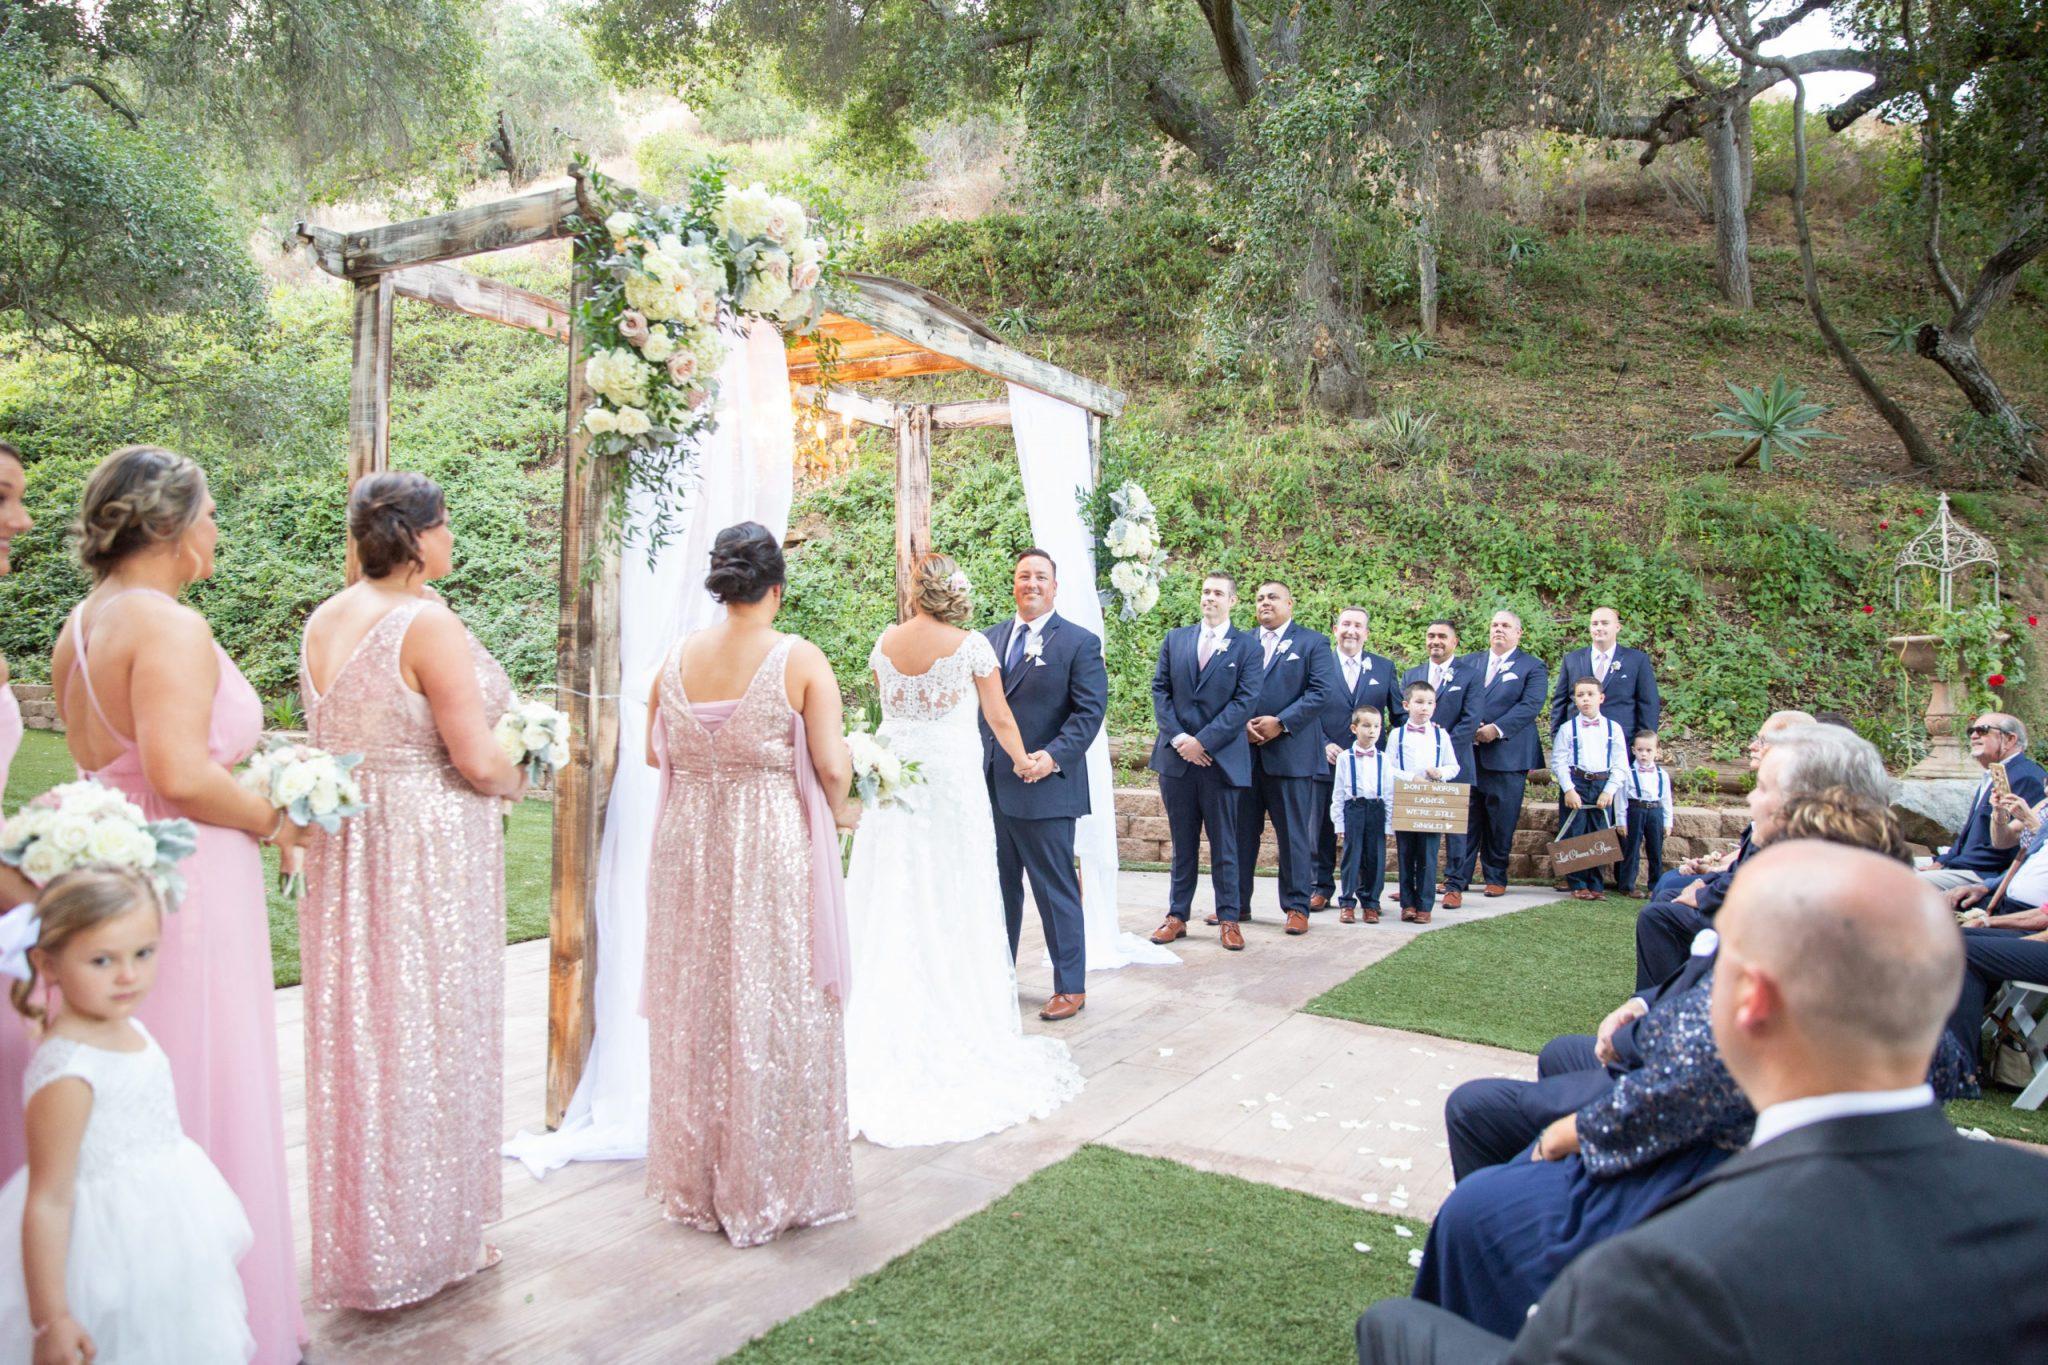 Matt Chrissy Wedding 3128 scaled